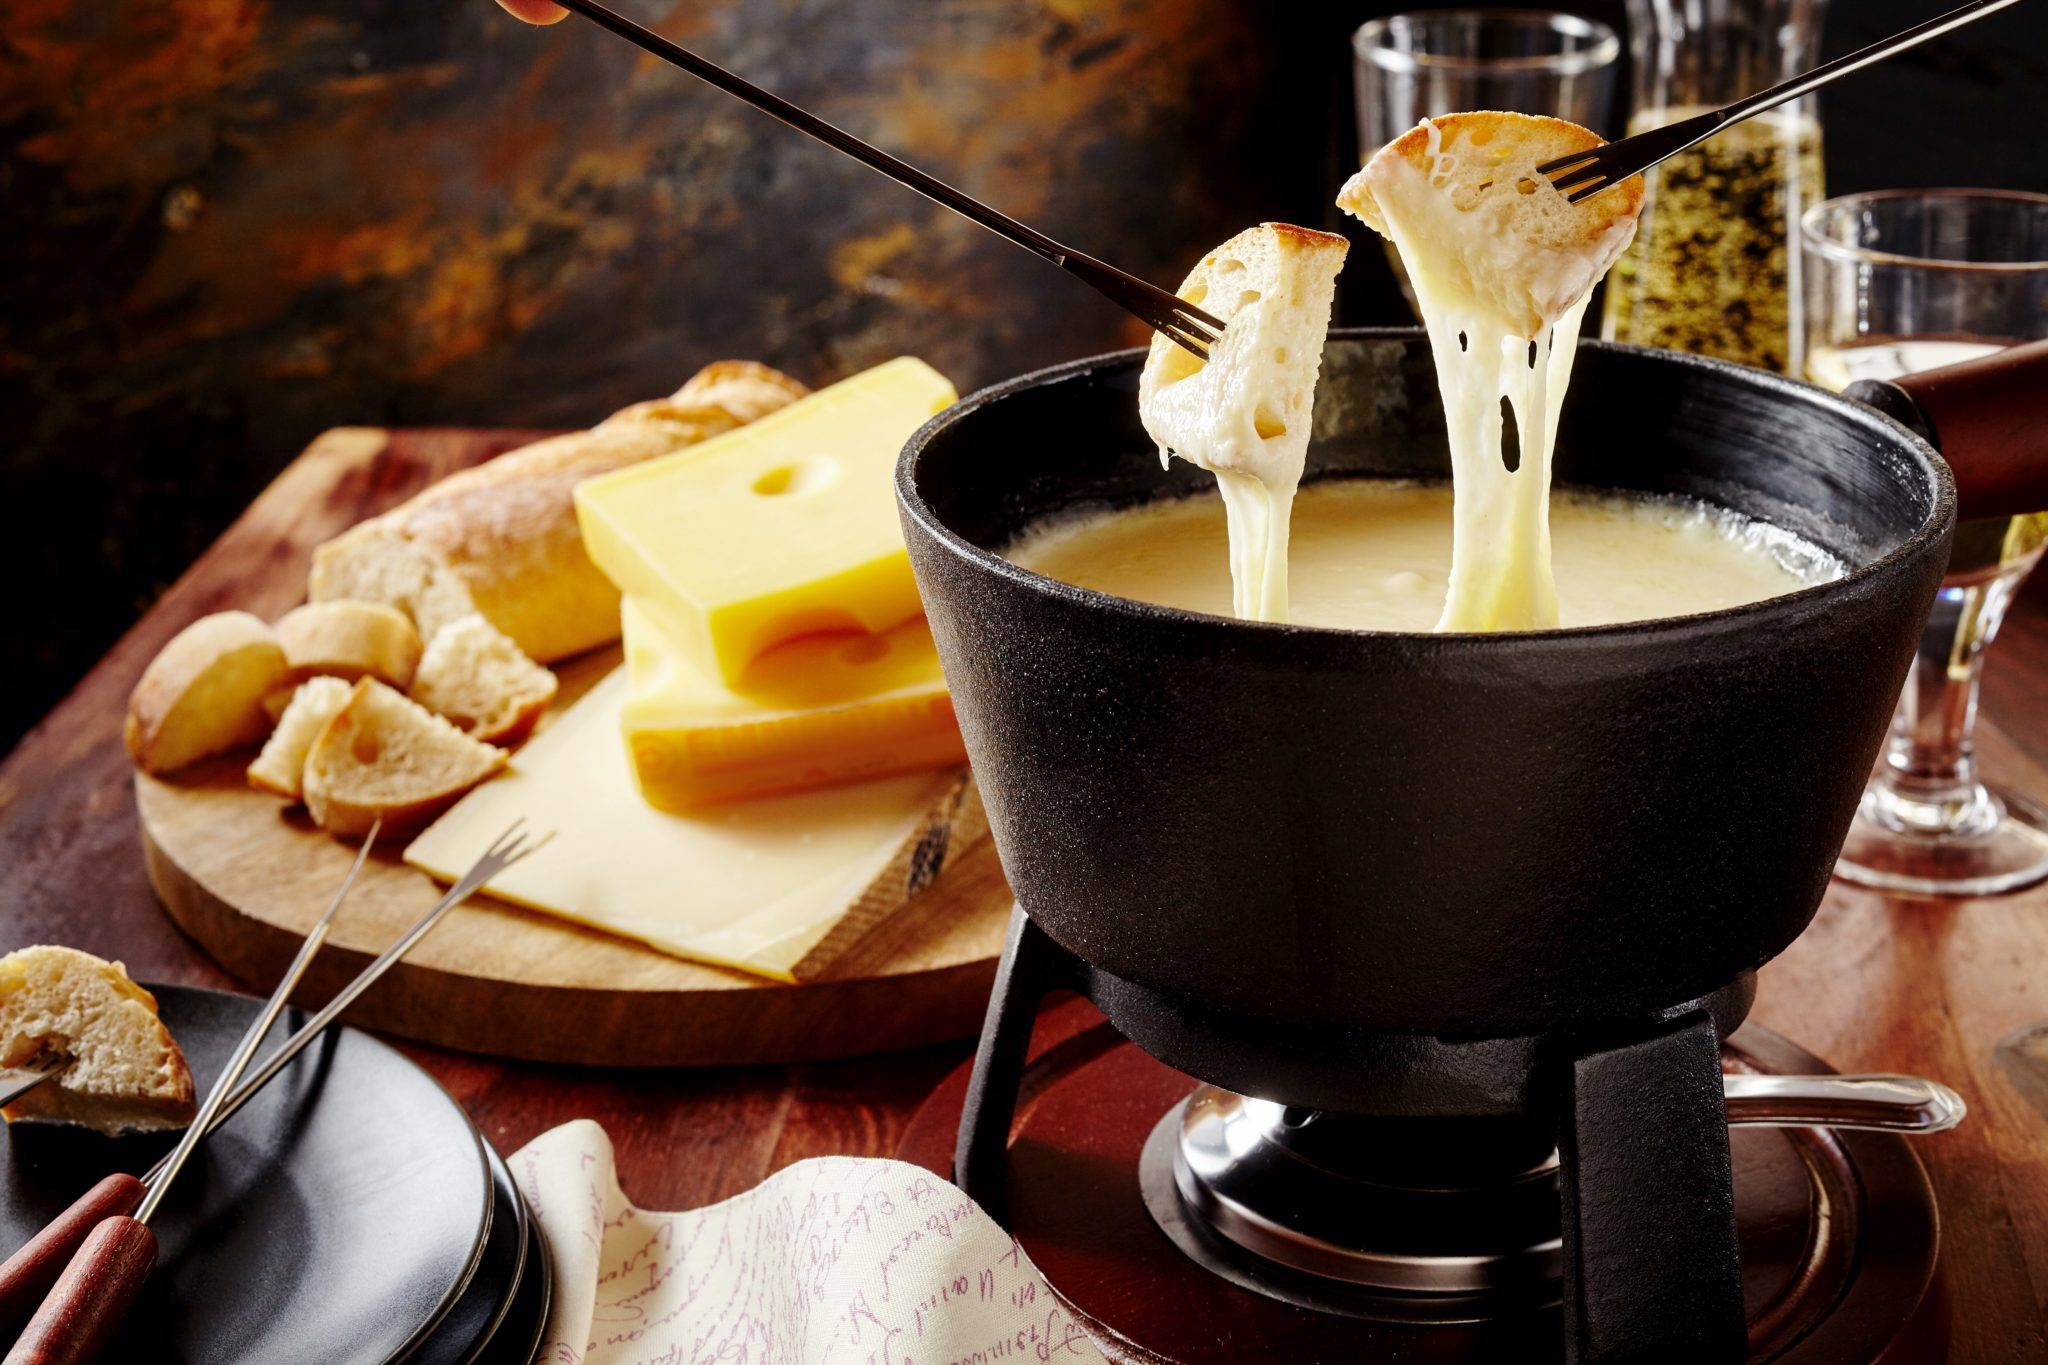 Caciotta cheese fondue recipe